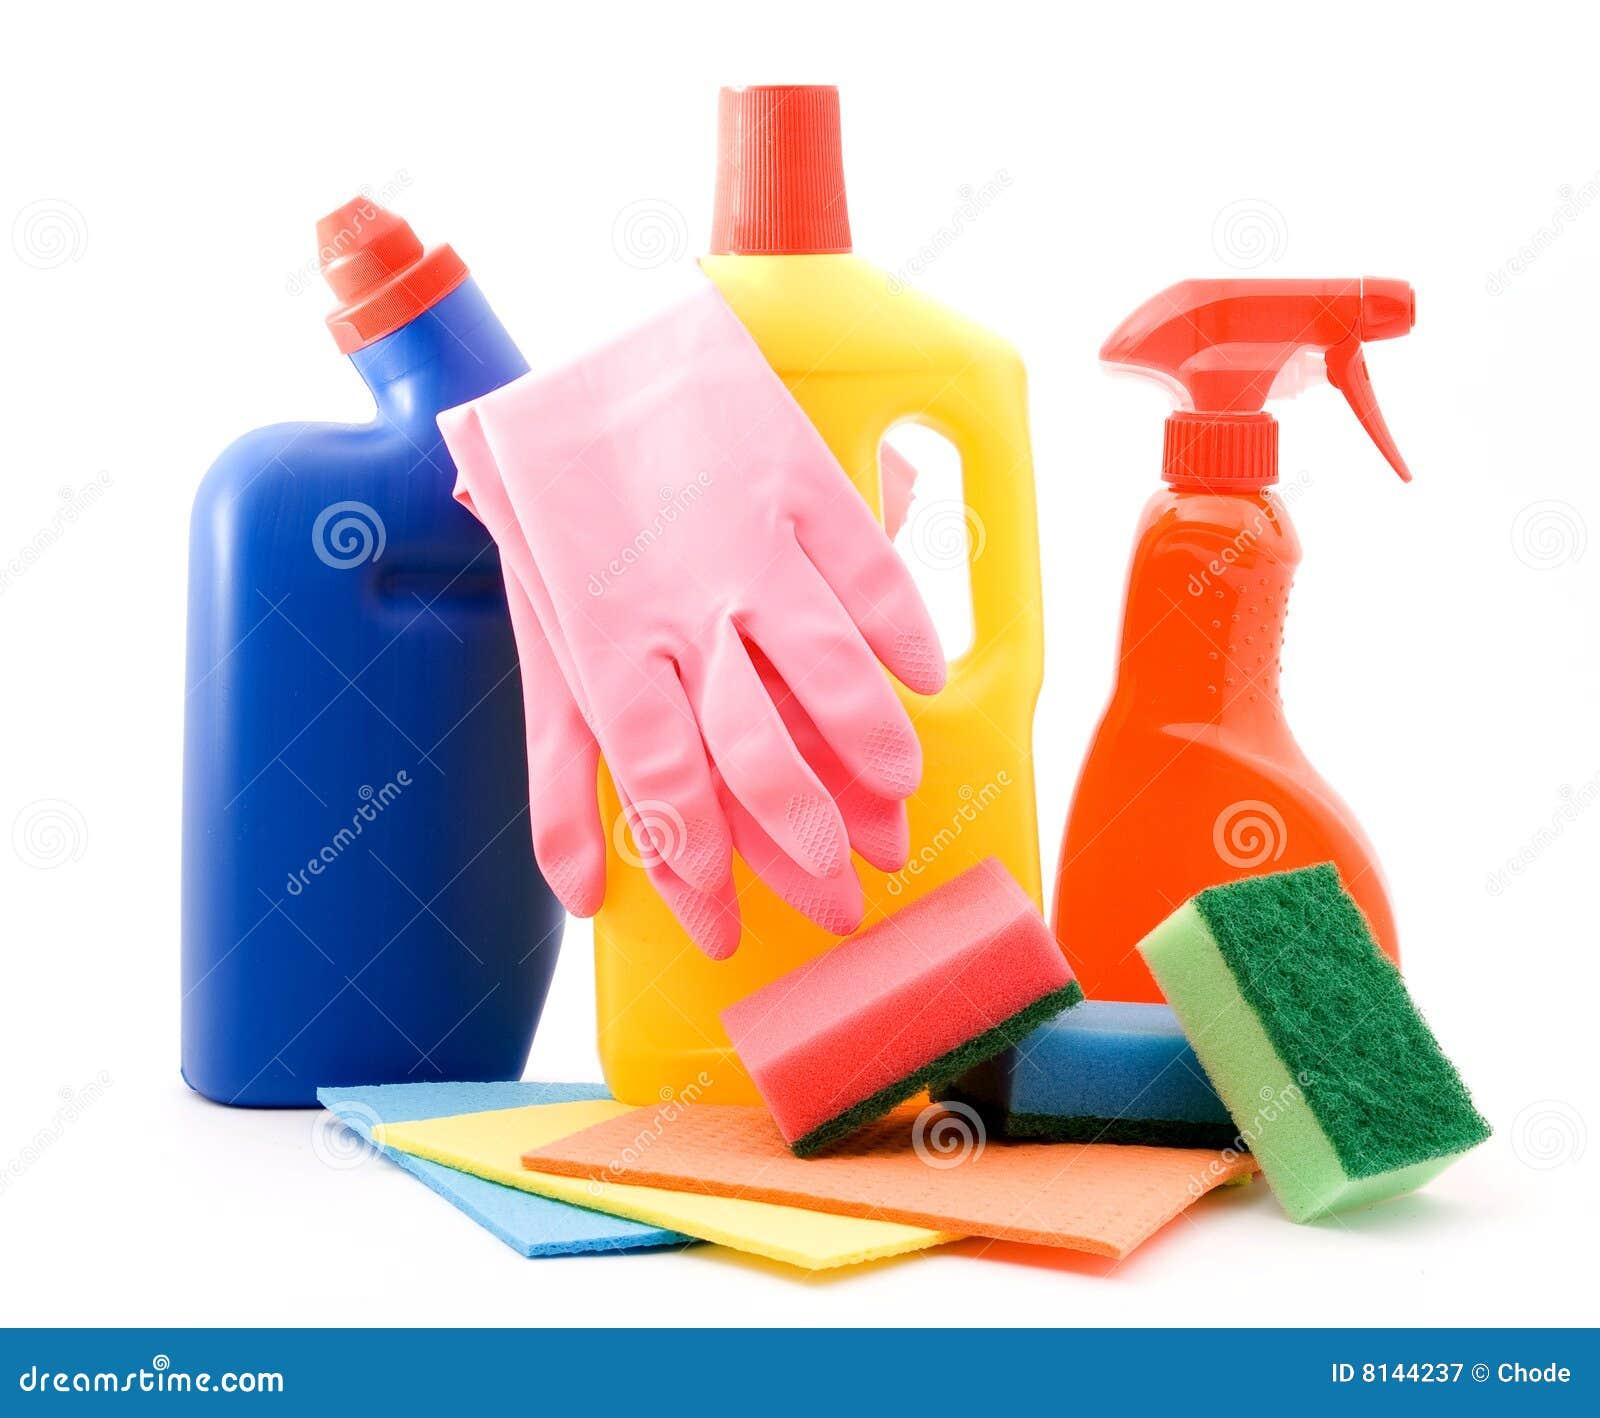 Productos de limpieza imagen de archivo imagen de guantes - Imagenes de limpieza de casas ...